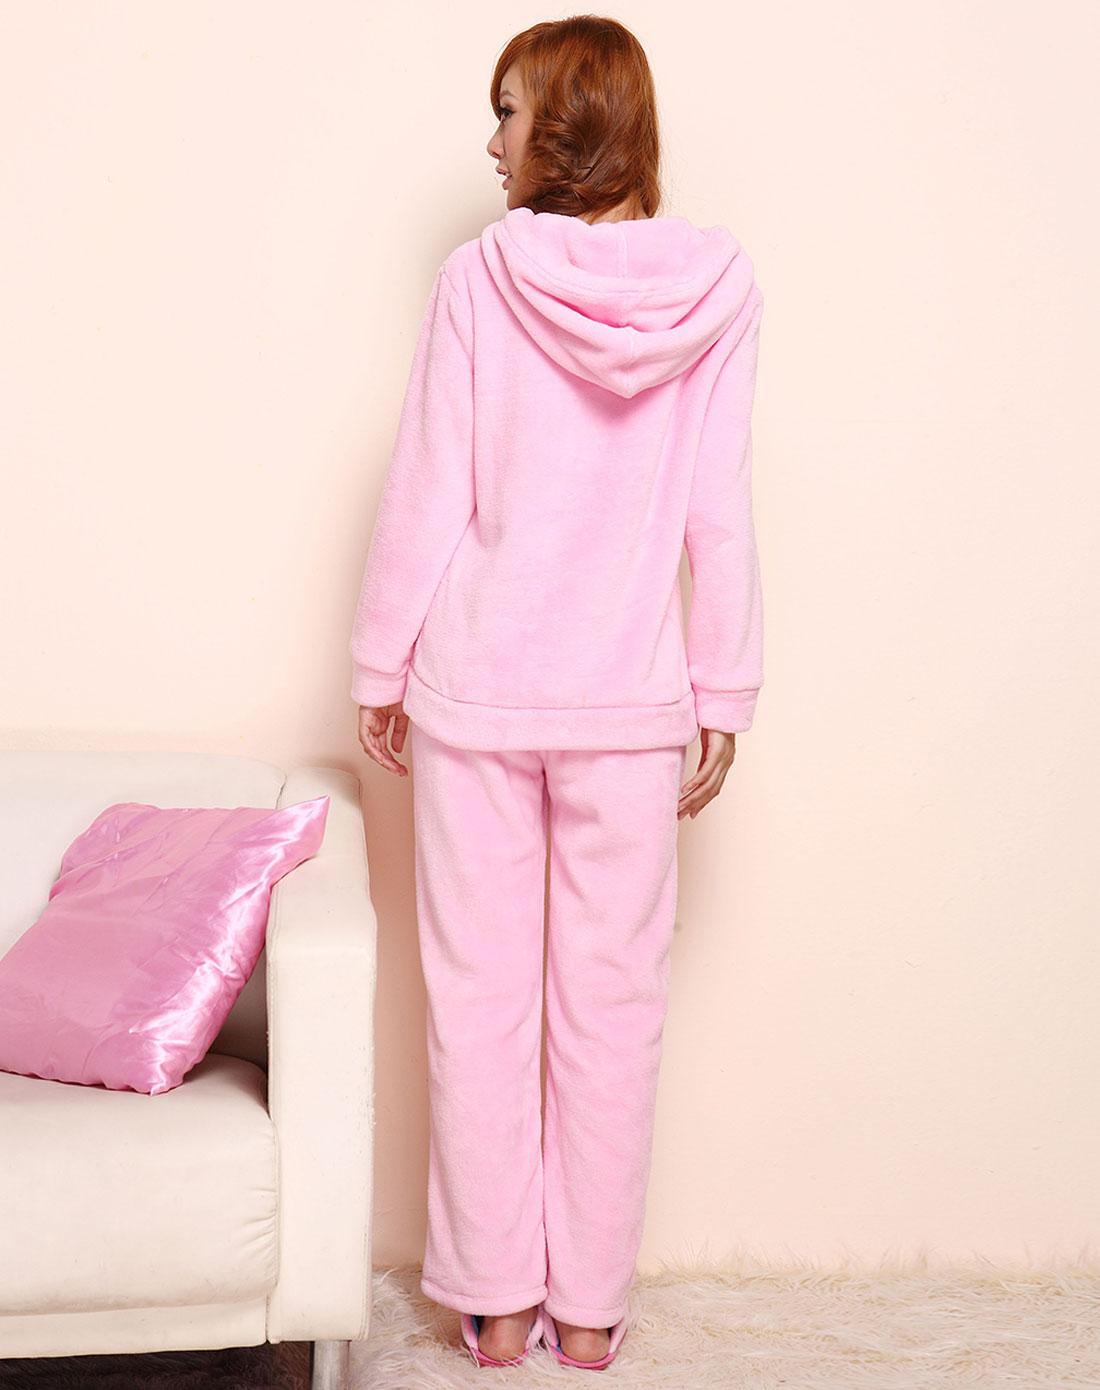 粉红色连帽俏丽可爱长袖家居服套装